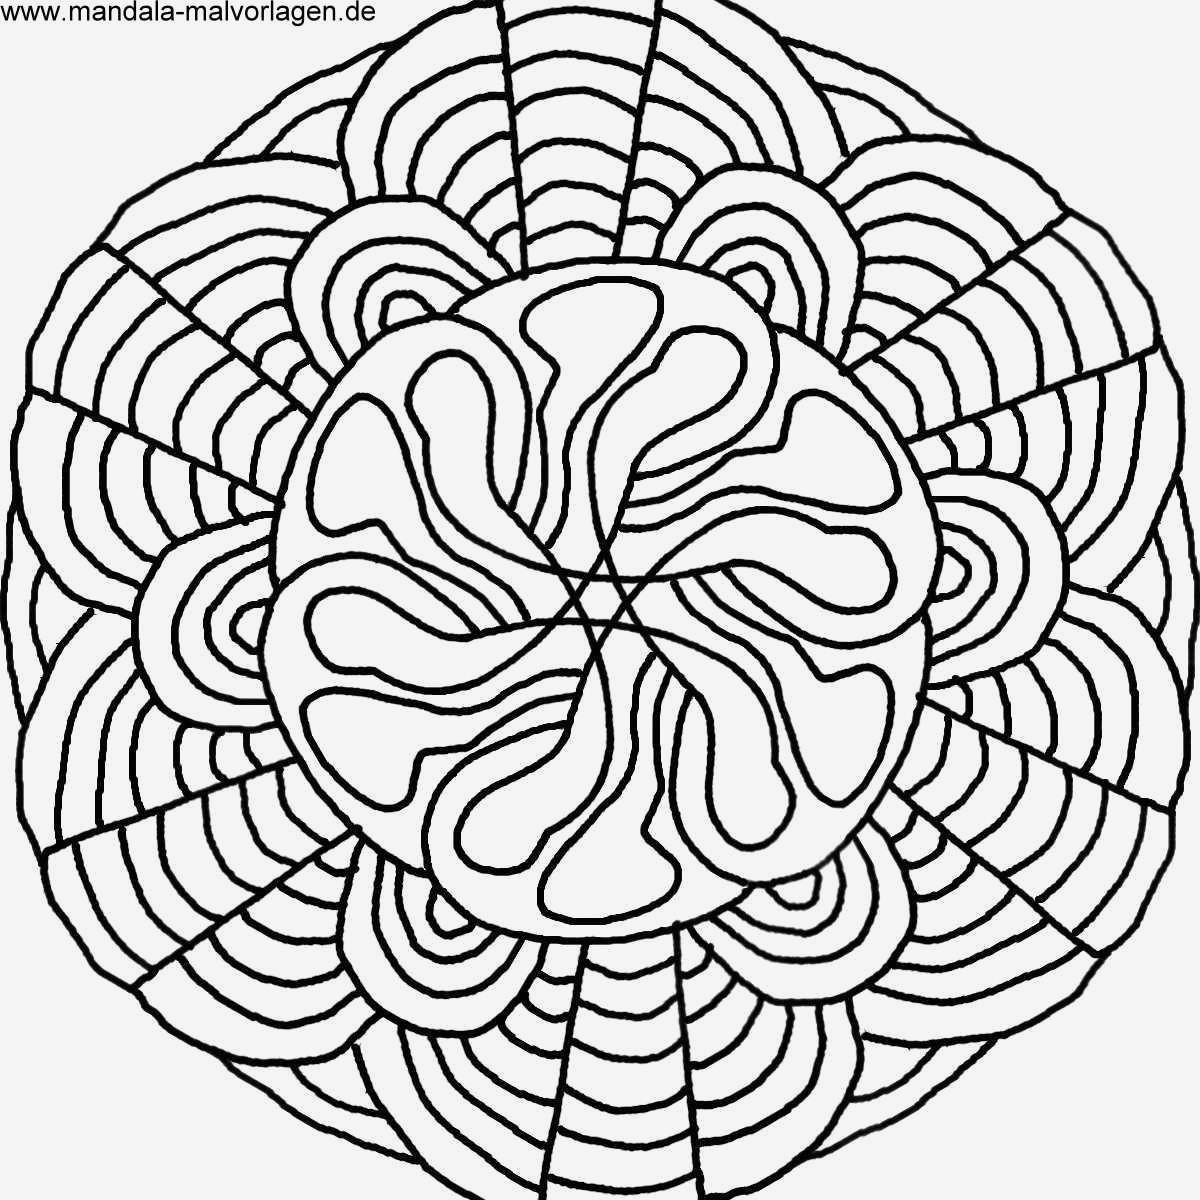 Eule Malvorlage Einfach Neu Ausmalbilder Mandala Kostenlos Eule Bildergalerie & Bilder Zum Das Bild